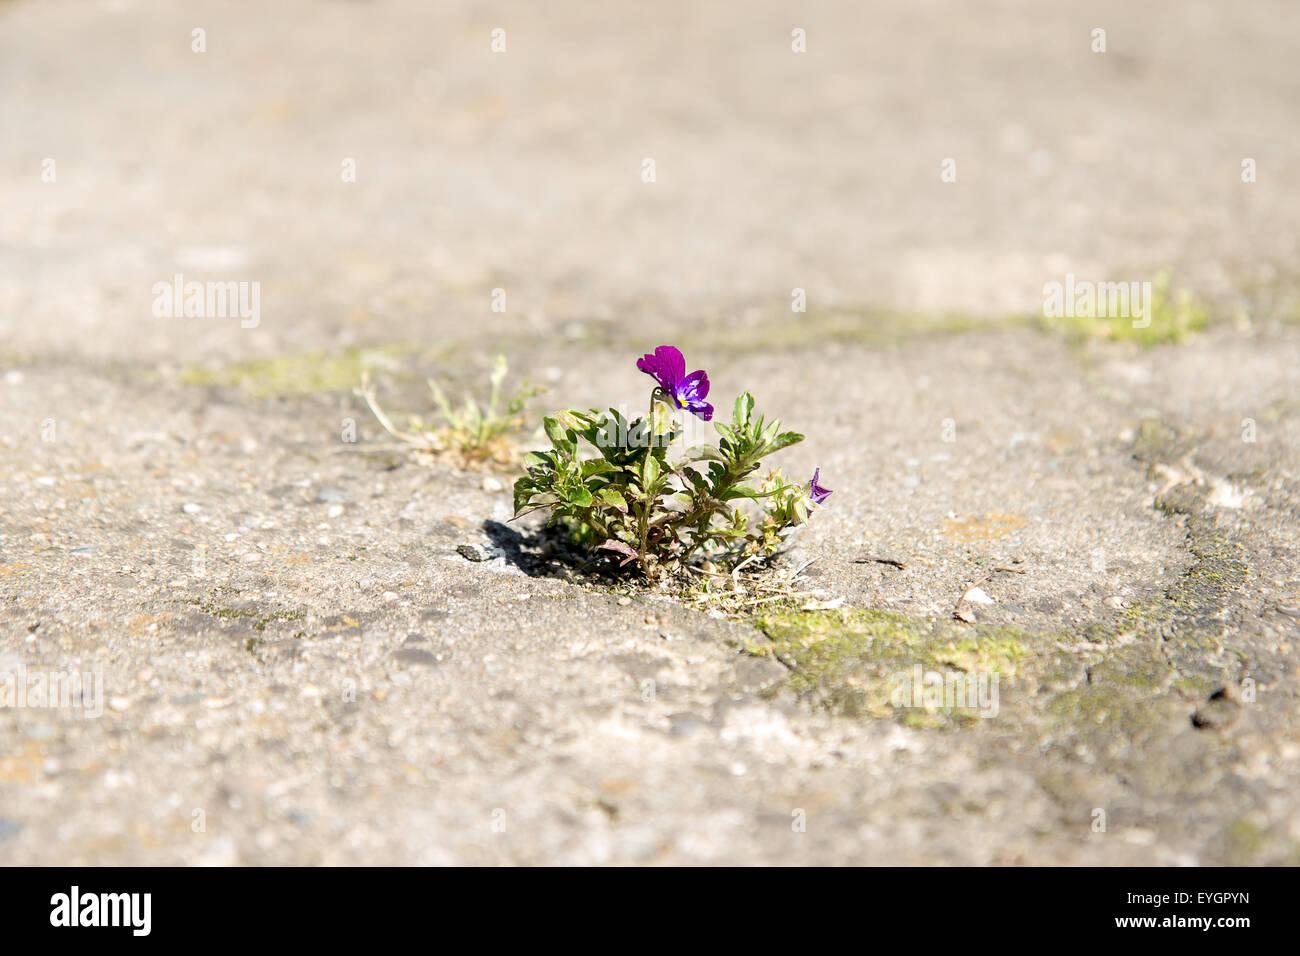 einsame Blume Viola wachsende aus dem Spalt Stockbild